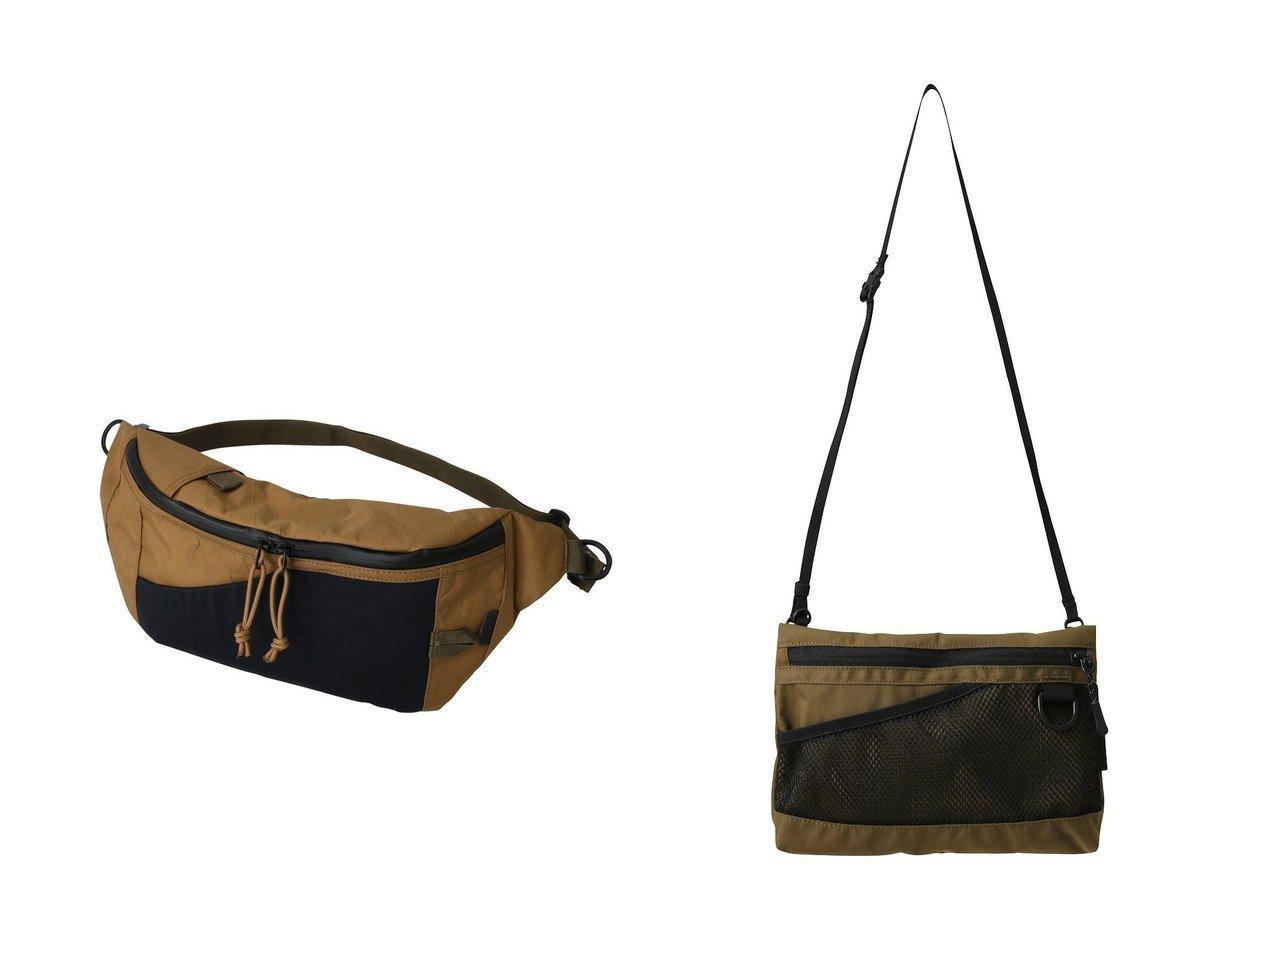 【SNOW PEAK/スノーピーク】の【UNISEX】X-Pac Nylon Waist Bag&【UNISEX】Everyday Use Sacoche 【バッグ・鞄】おすすめ!人気、トレンド・レディースファッションの通販   おすすめで人気の流行・トレンド、ファッションの通販商品 インテリア・家具・メンズファッション・キッズファッション・レディースファッション・服の通販 founy(ファニー) https://founy.com/ ファッション Fashion レディースファッション WOMEN バッグ Bag スポーツウェア Sportswear スポーツ バッグ/ポーチ Bag 2020年 2020 2020-2021秋冬・A/W AW・Autumn/Winter・FW・Fall-Winter/2020-2021 2021年 2021 2021-2022秋冬・A/W AW・Autumn/Winter・FW・Fall-Winter・2021-2022 A/W・秋冬 AW・Autumn/Winter・FW・Fall-Winter UNISEX ストレッチ スポーツ ポケット 軽量 |ID:crp329100000064841